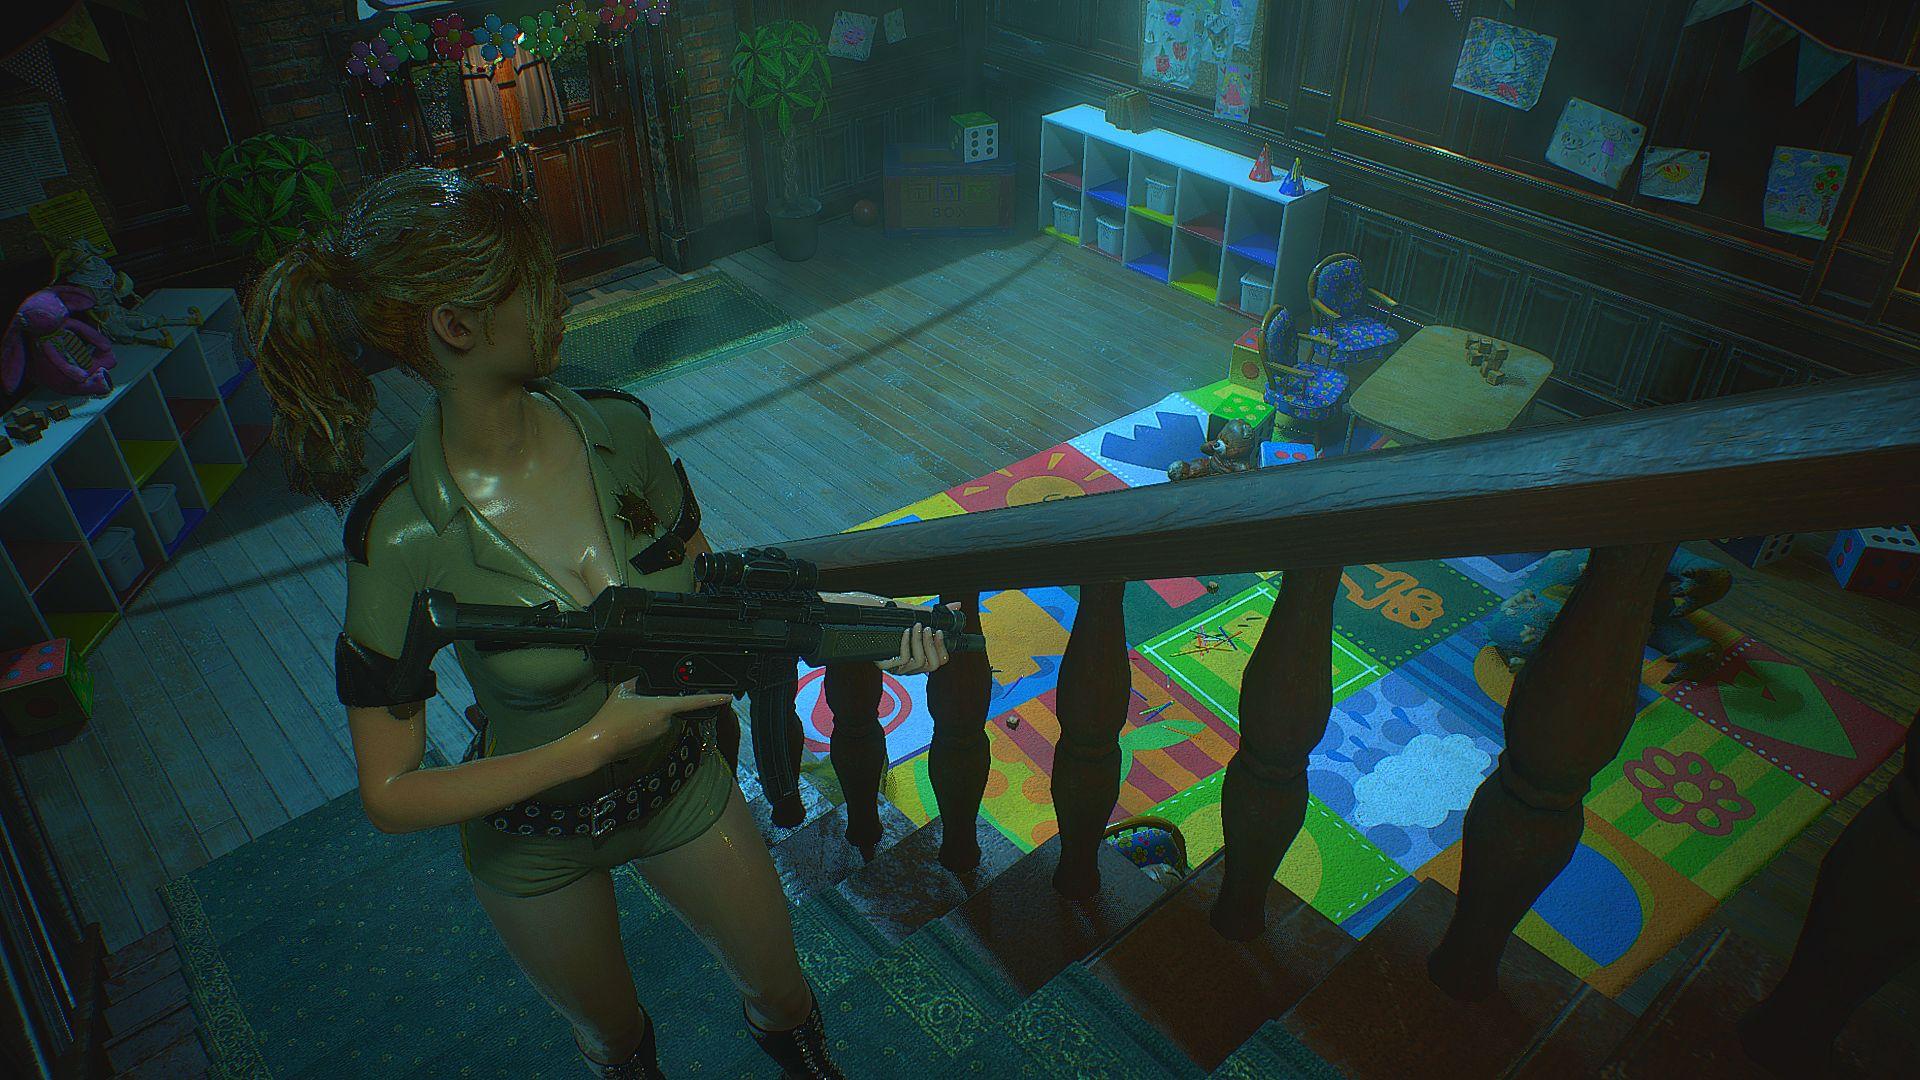 001232.Jpg - Resident Evil 2